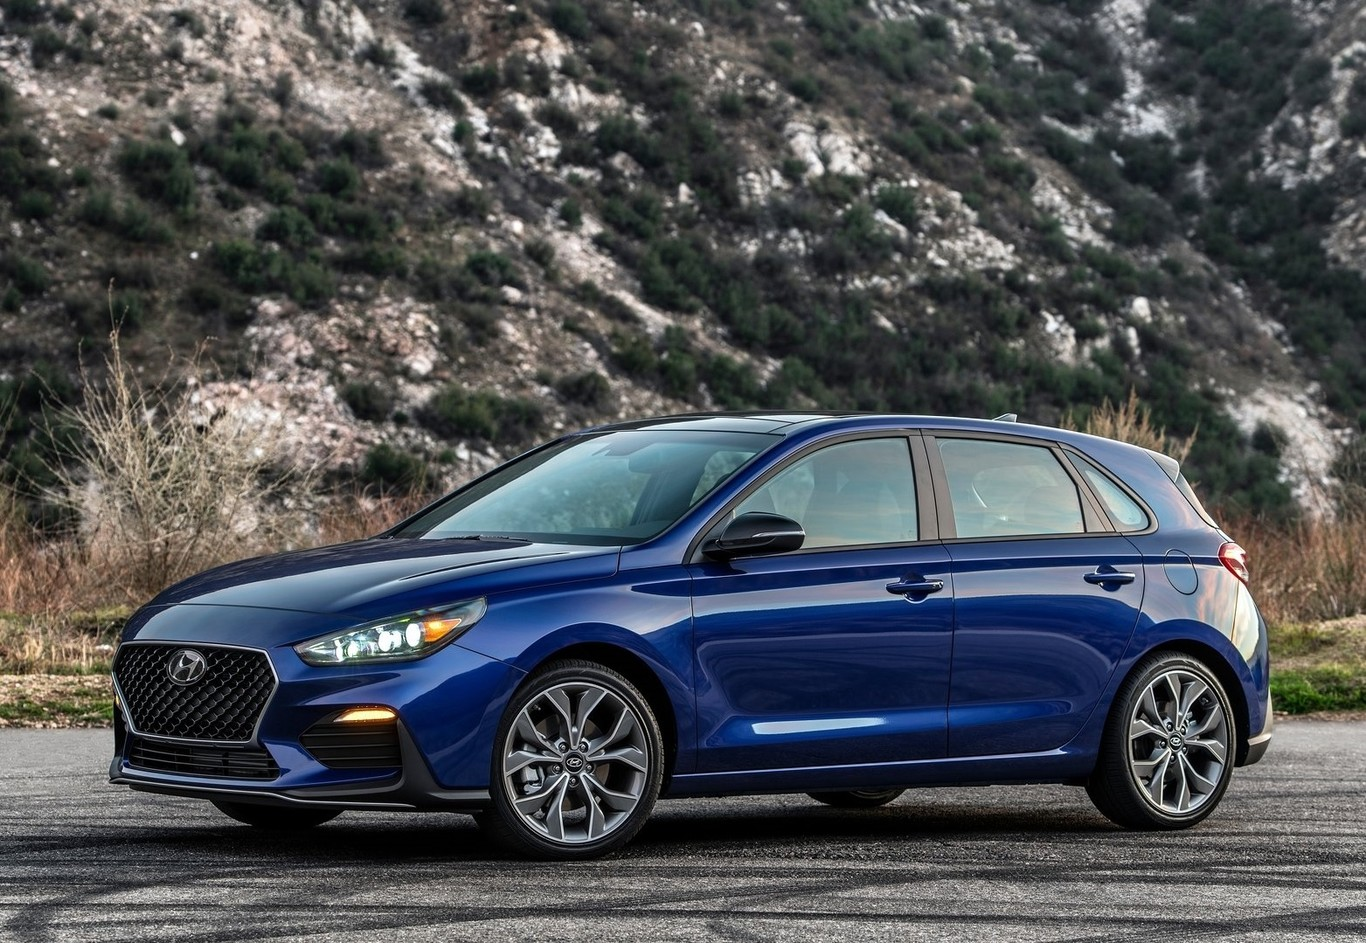 2020 Hyundai Elantra Gt Concept and Review